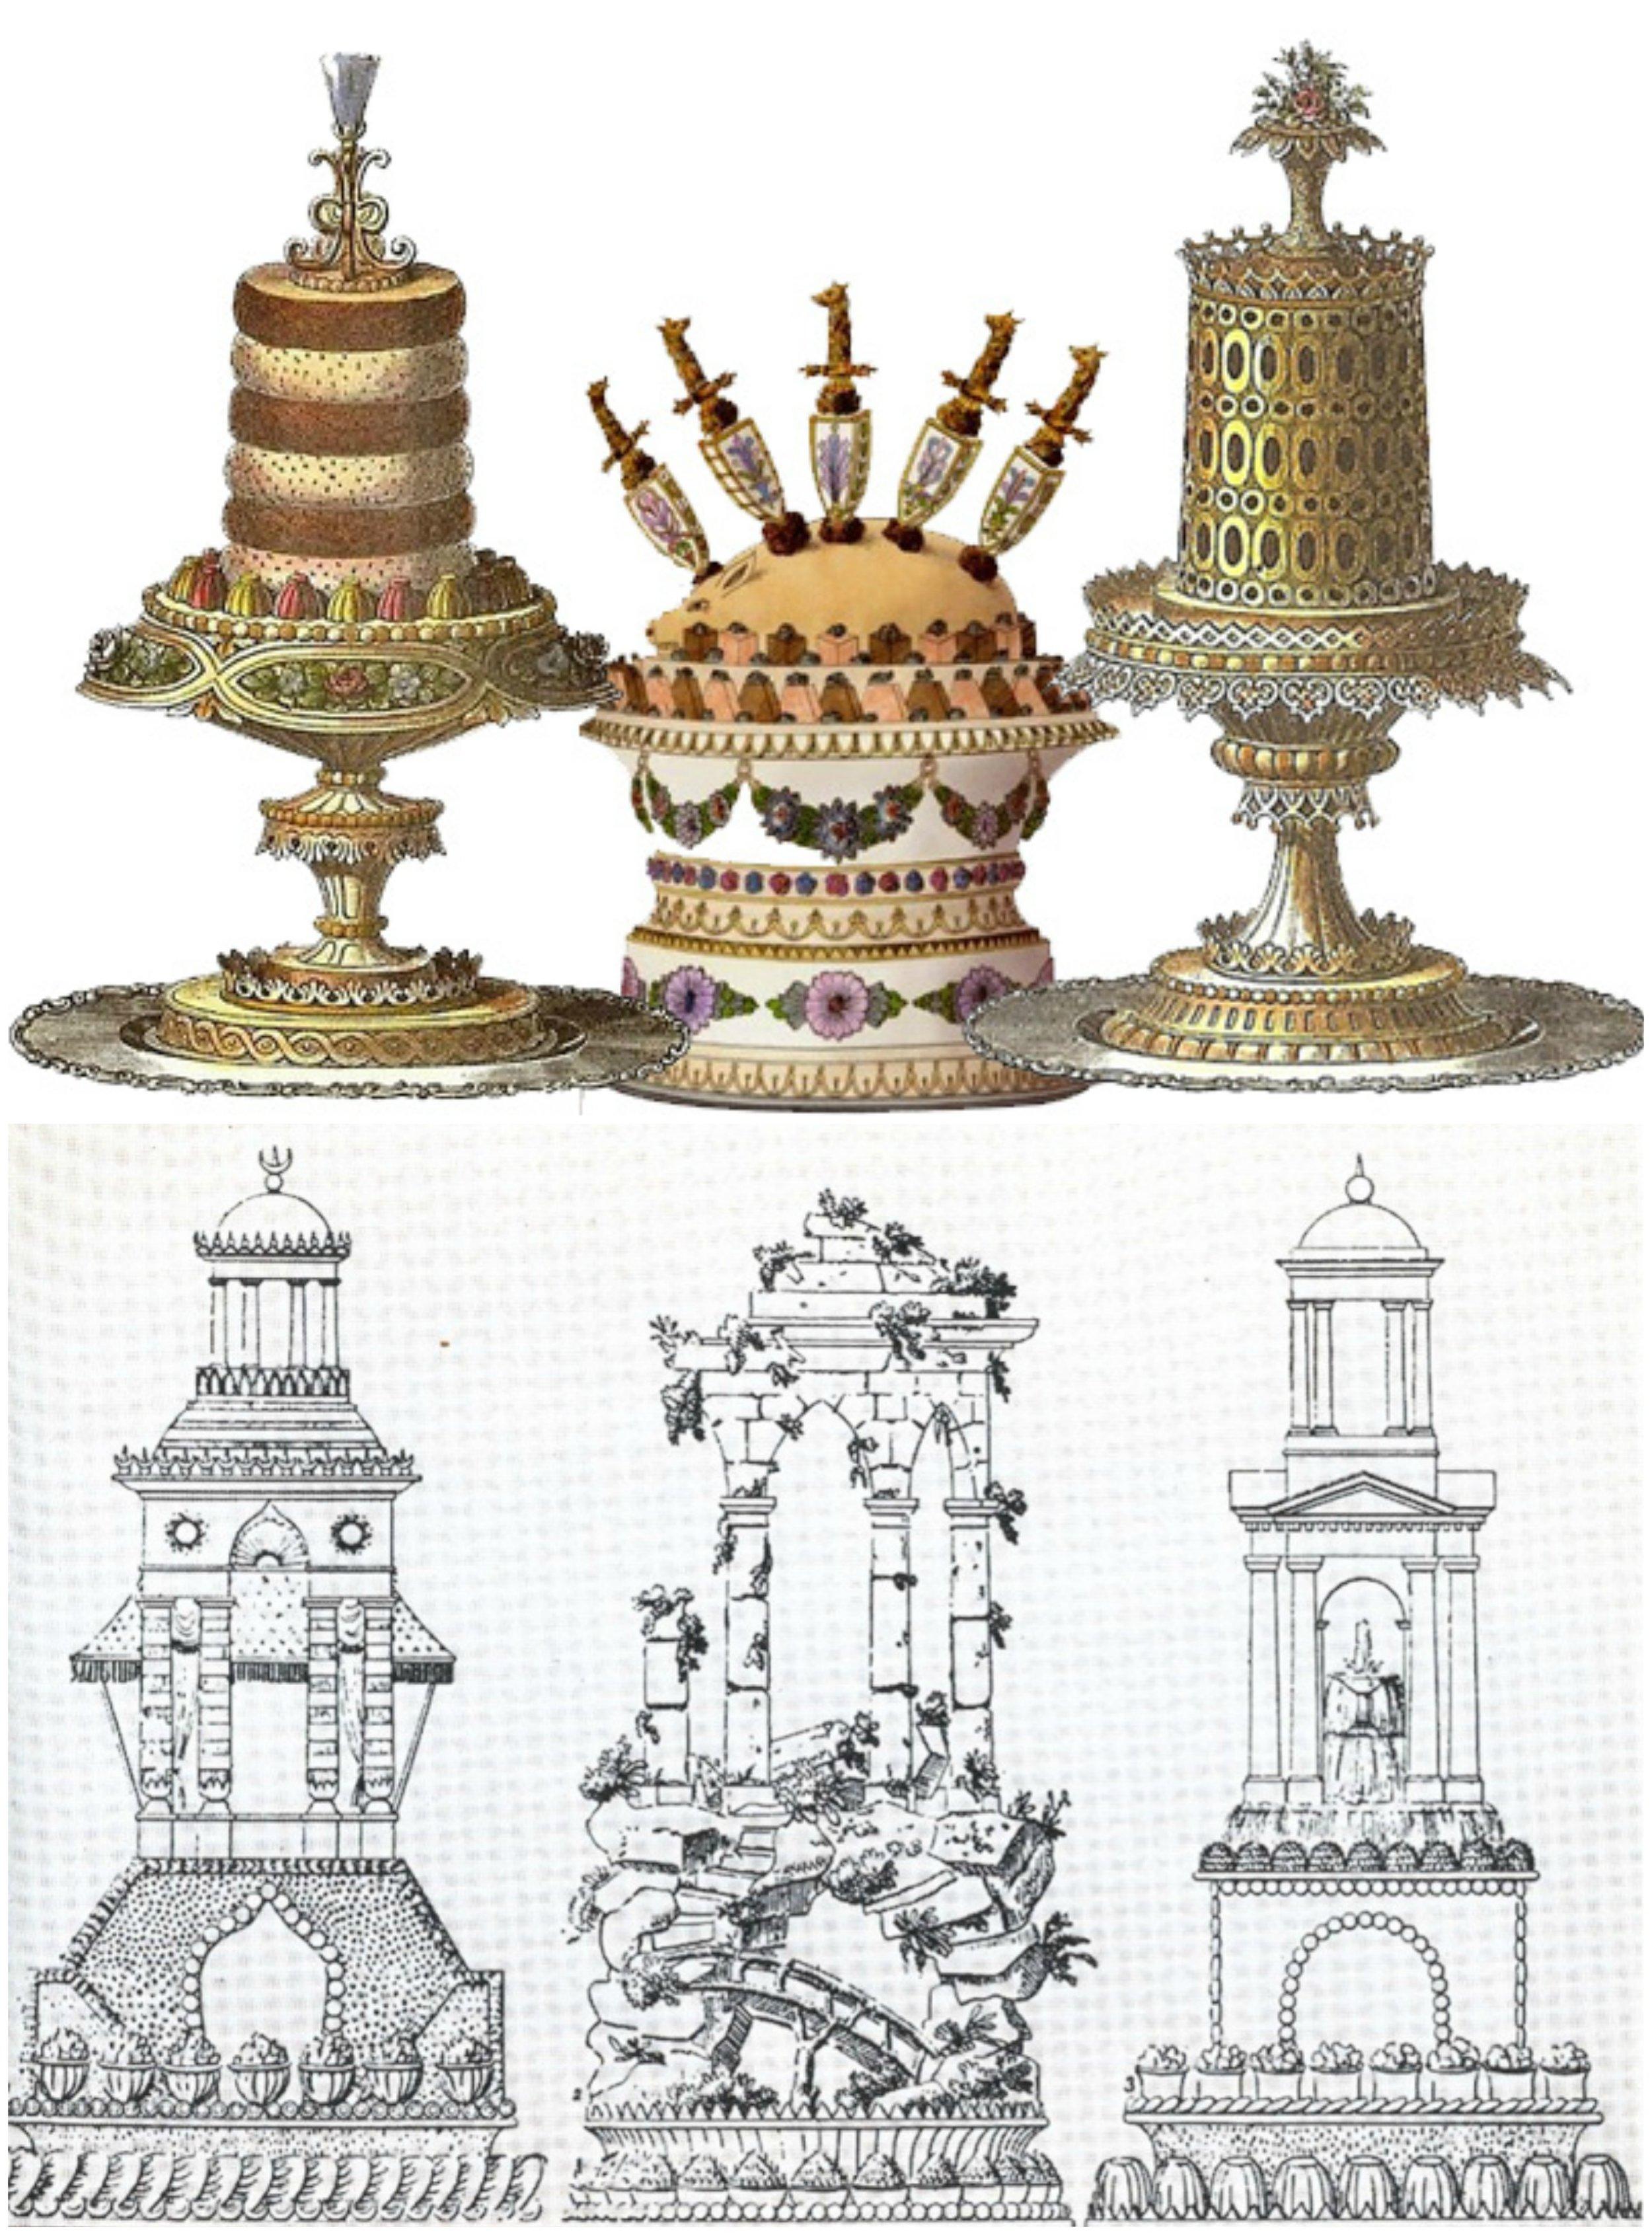 歷史上第一位明星主廚、同時也是法國高級料理與甜點之父的  Marie-Antoine Carême  的裝飾甜點與蛋糕設計圖,包括用糖工藝與其他甜點元素重現各種風格的建築作品。 Photo|上: Jane Austen Center ;下: 法國國家圖書館數位資料庫Gallica